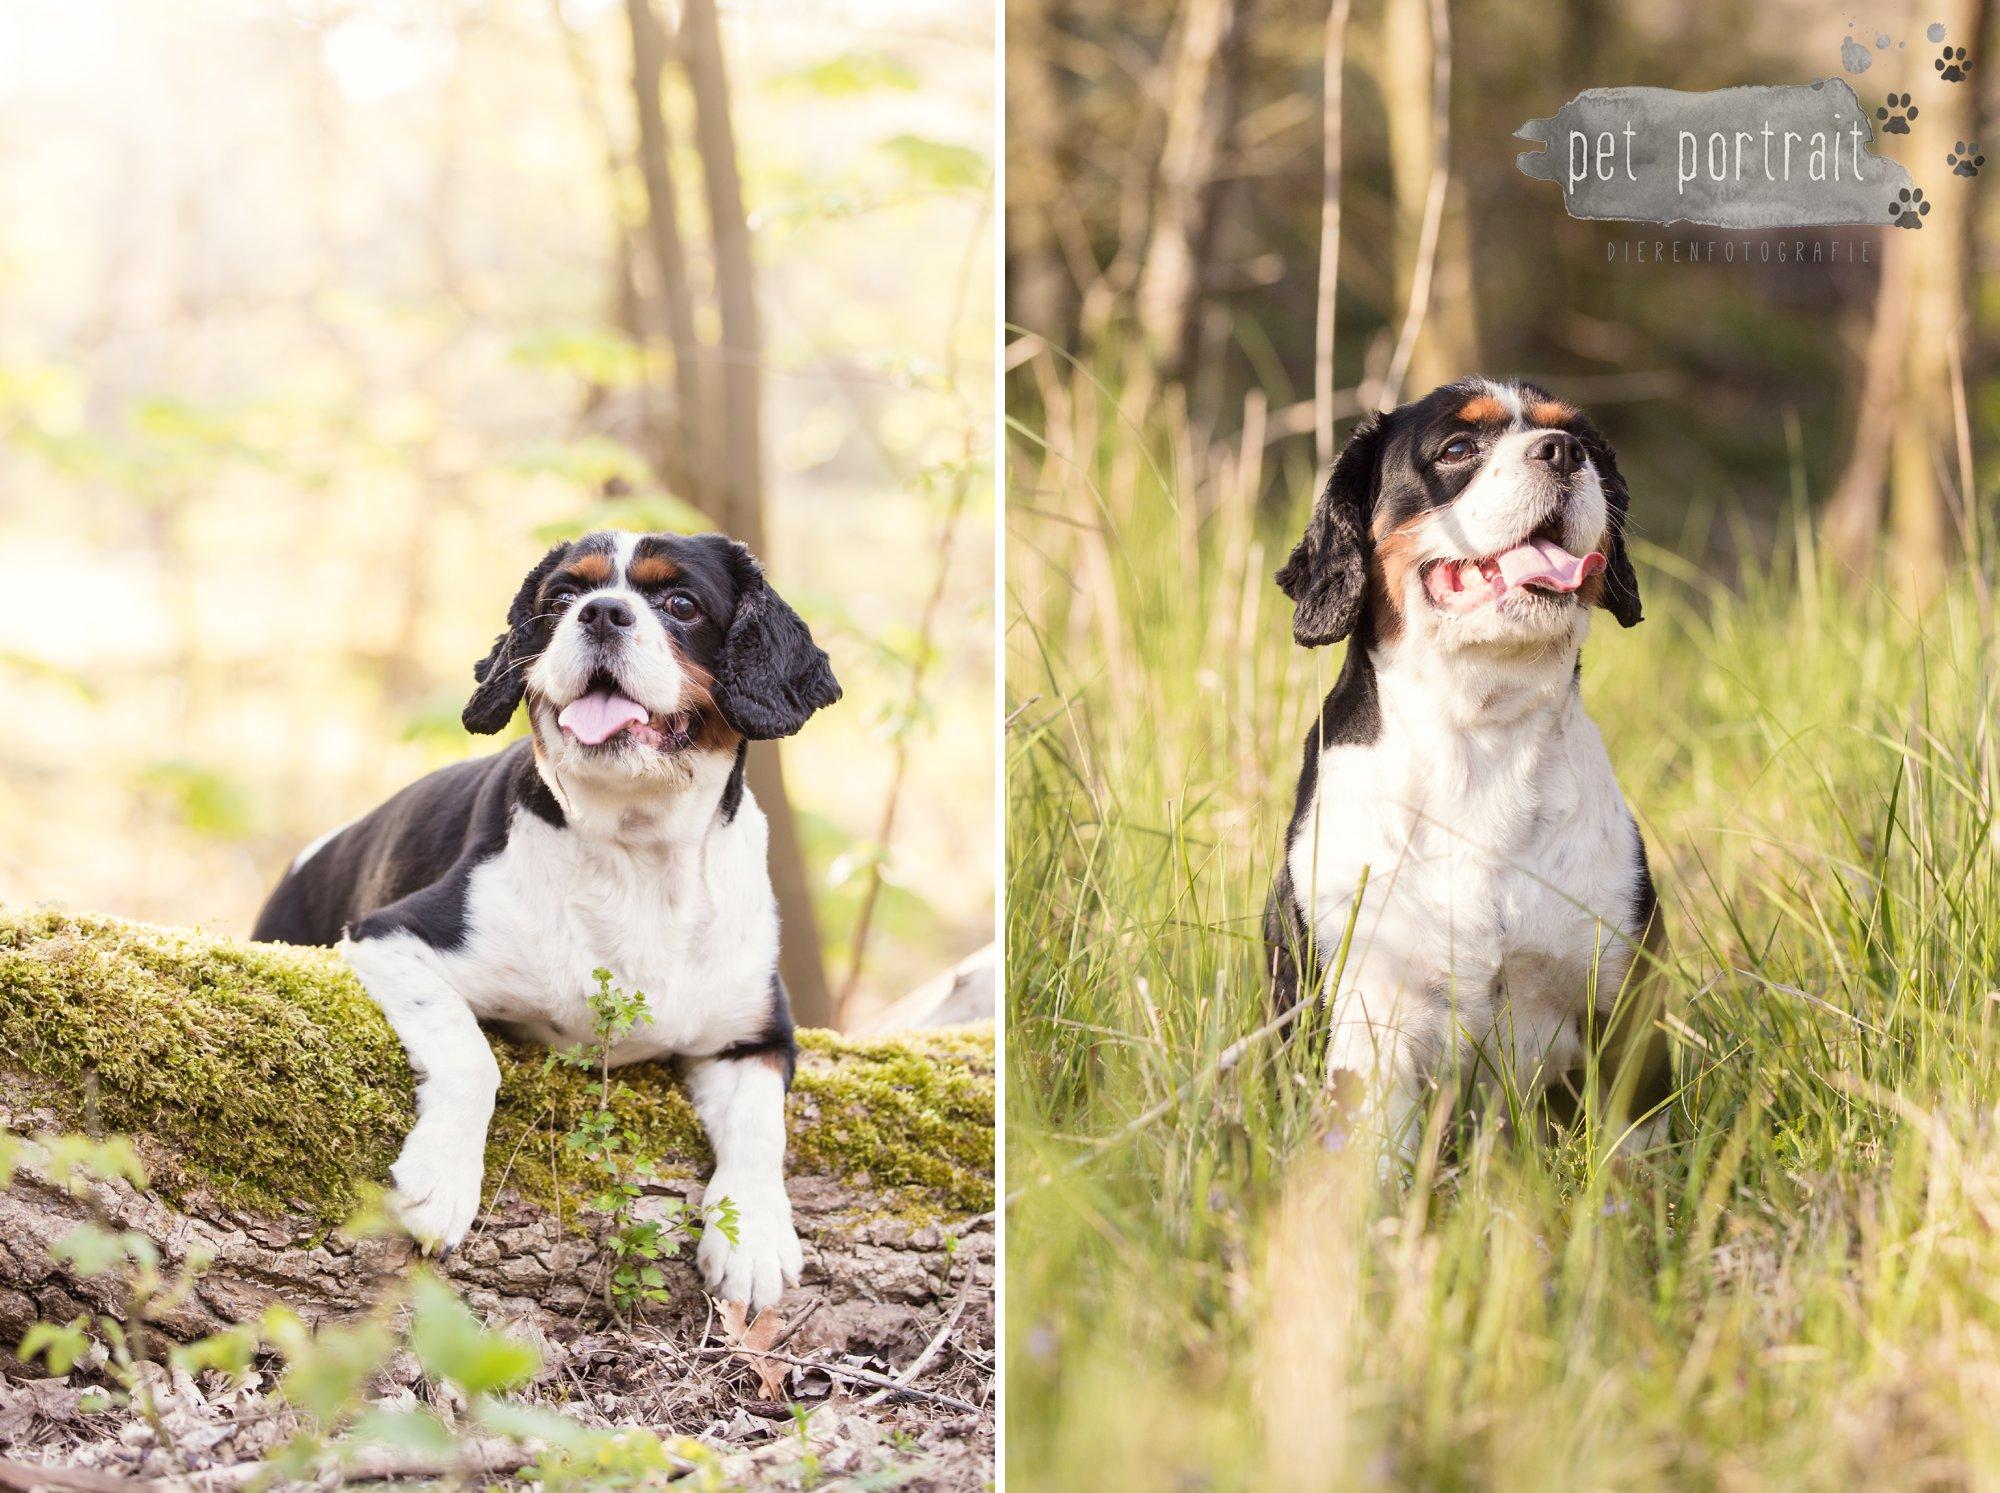 Hondenfotograaf Wassenaar - Cavalier King Charles Spaniel Pepper-5